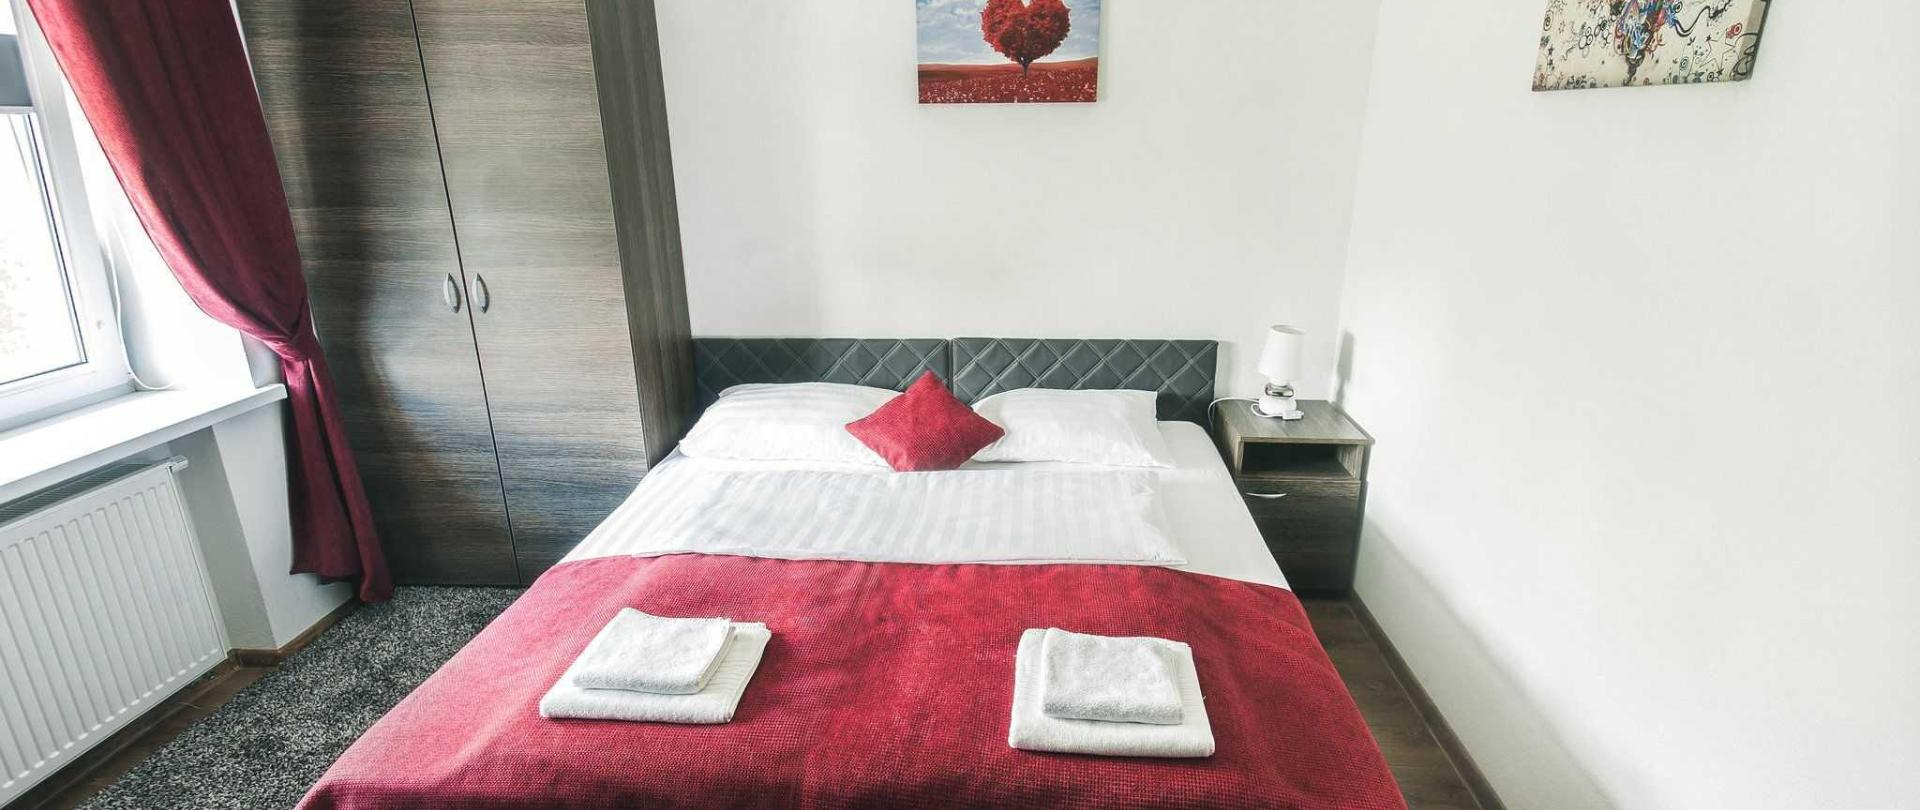 room-meile1.JPG